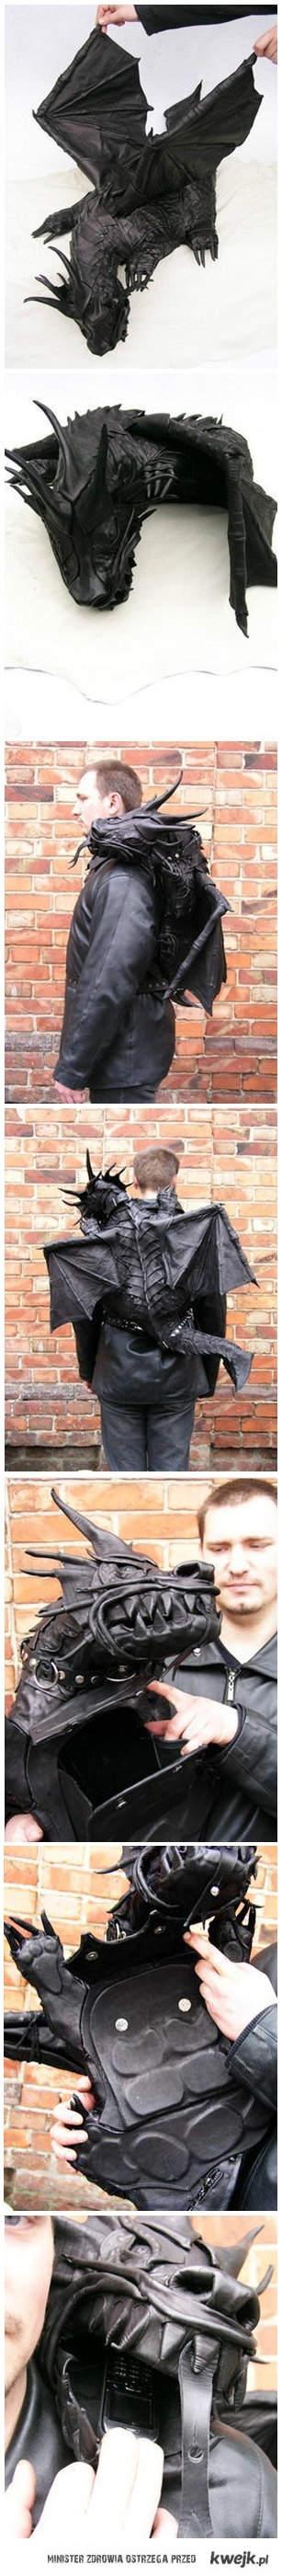 Smoczy plecak